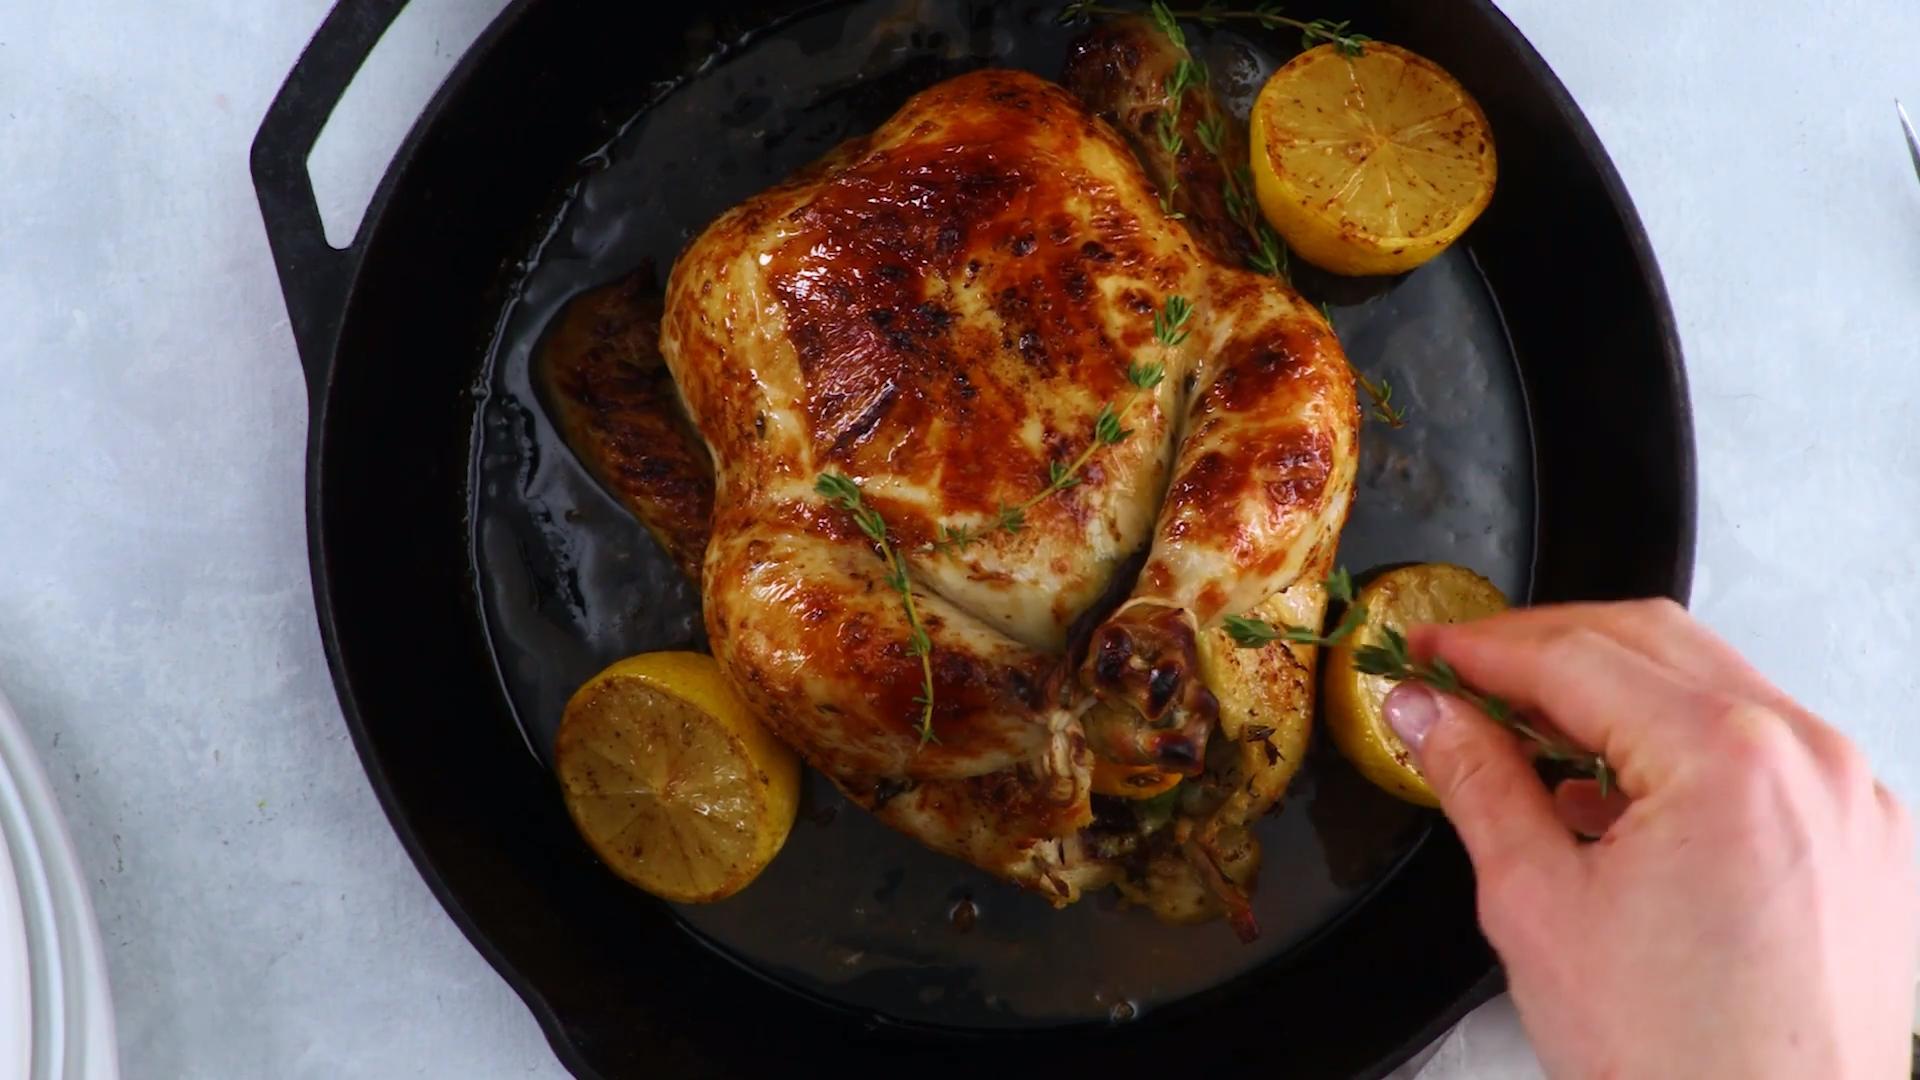 Skillet-Roasted Buttermilk Chicken